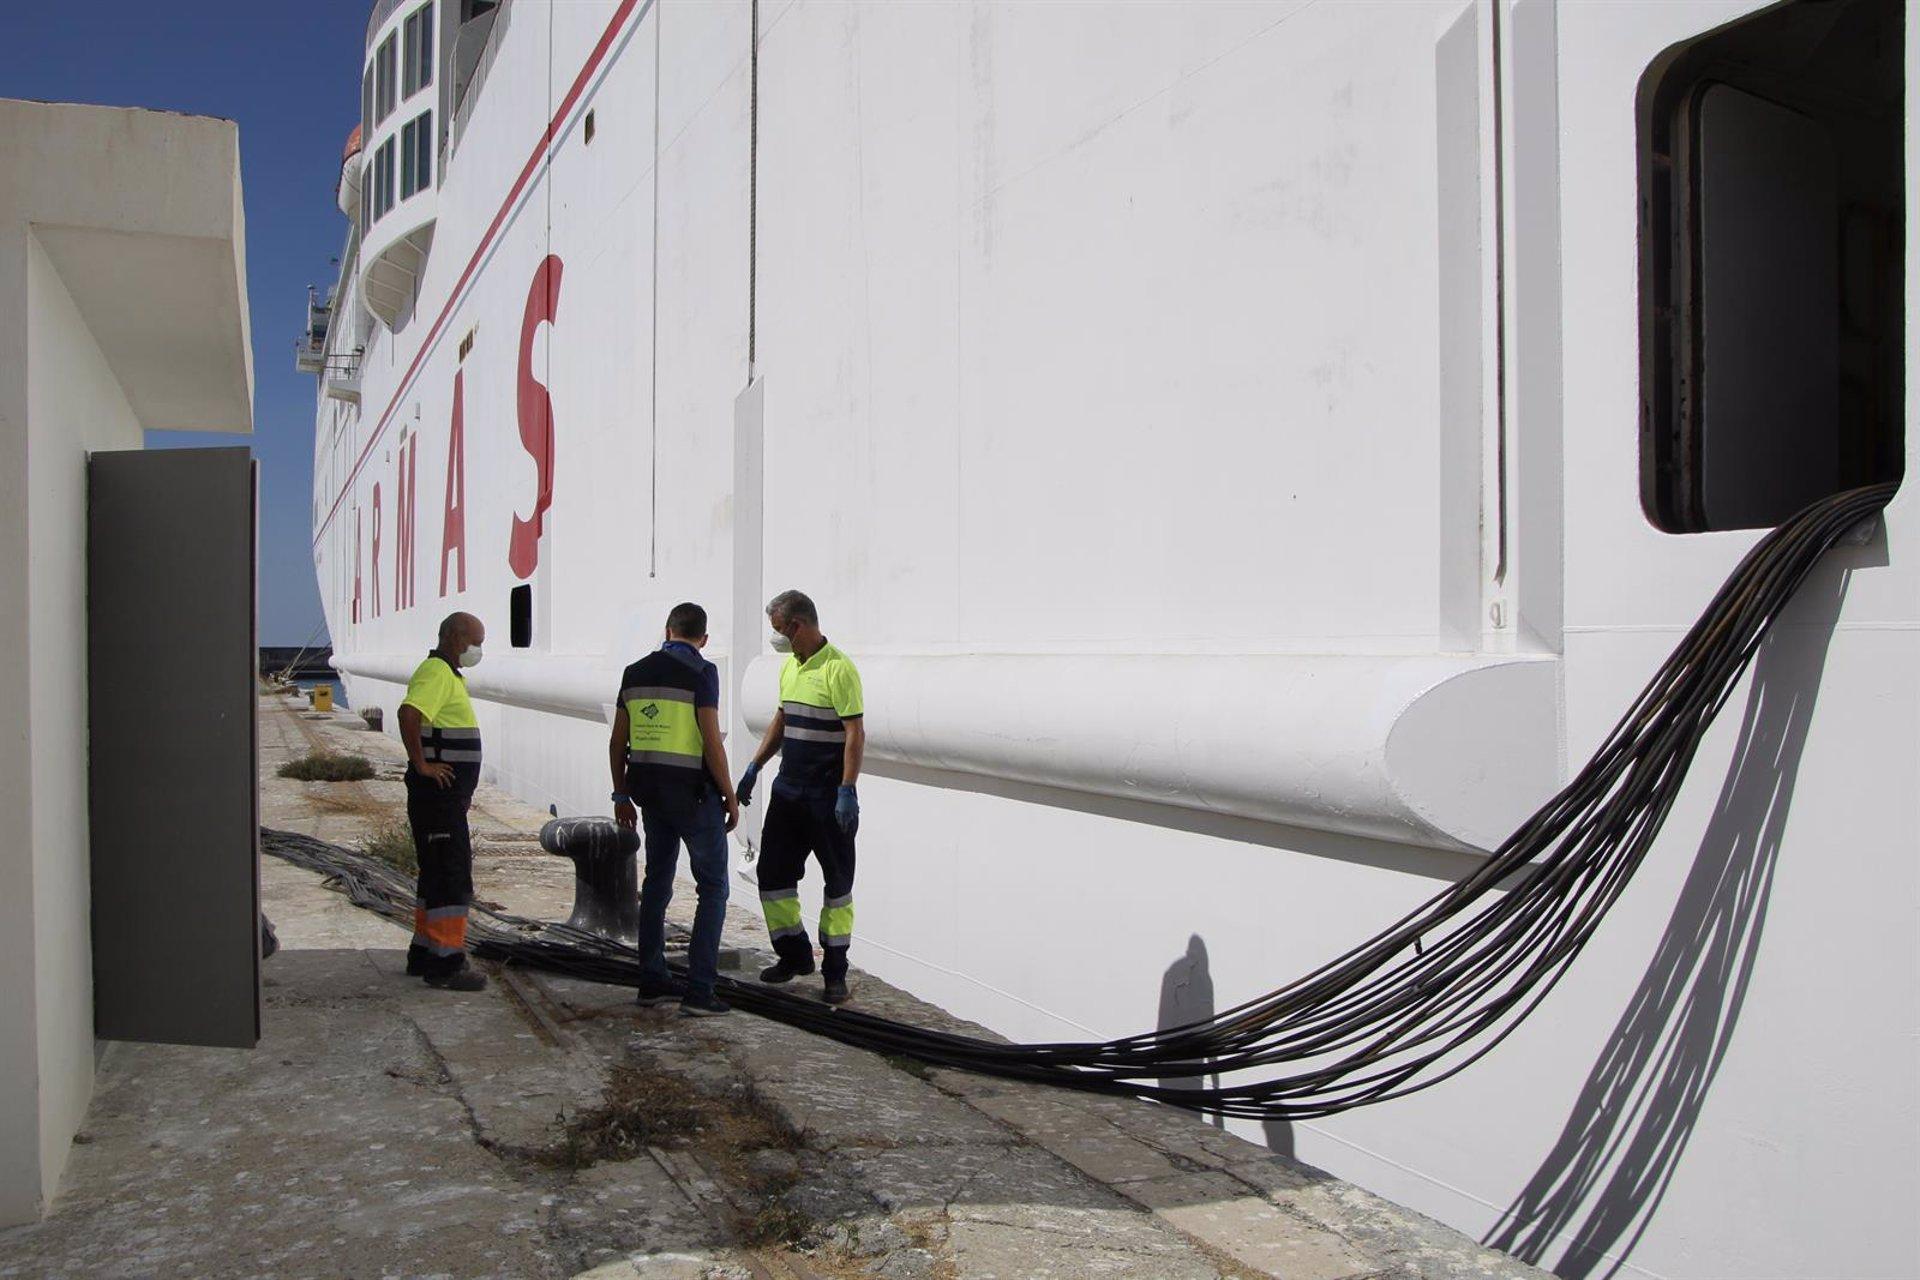 Concluye con éxito la conexión a la red eléctrica de un barco en Motril